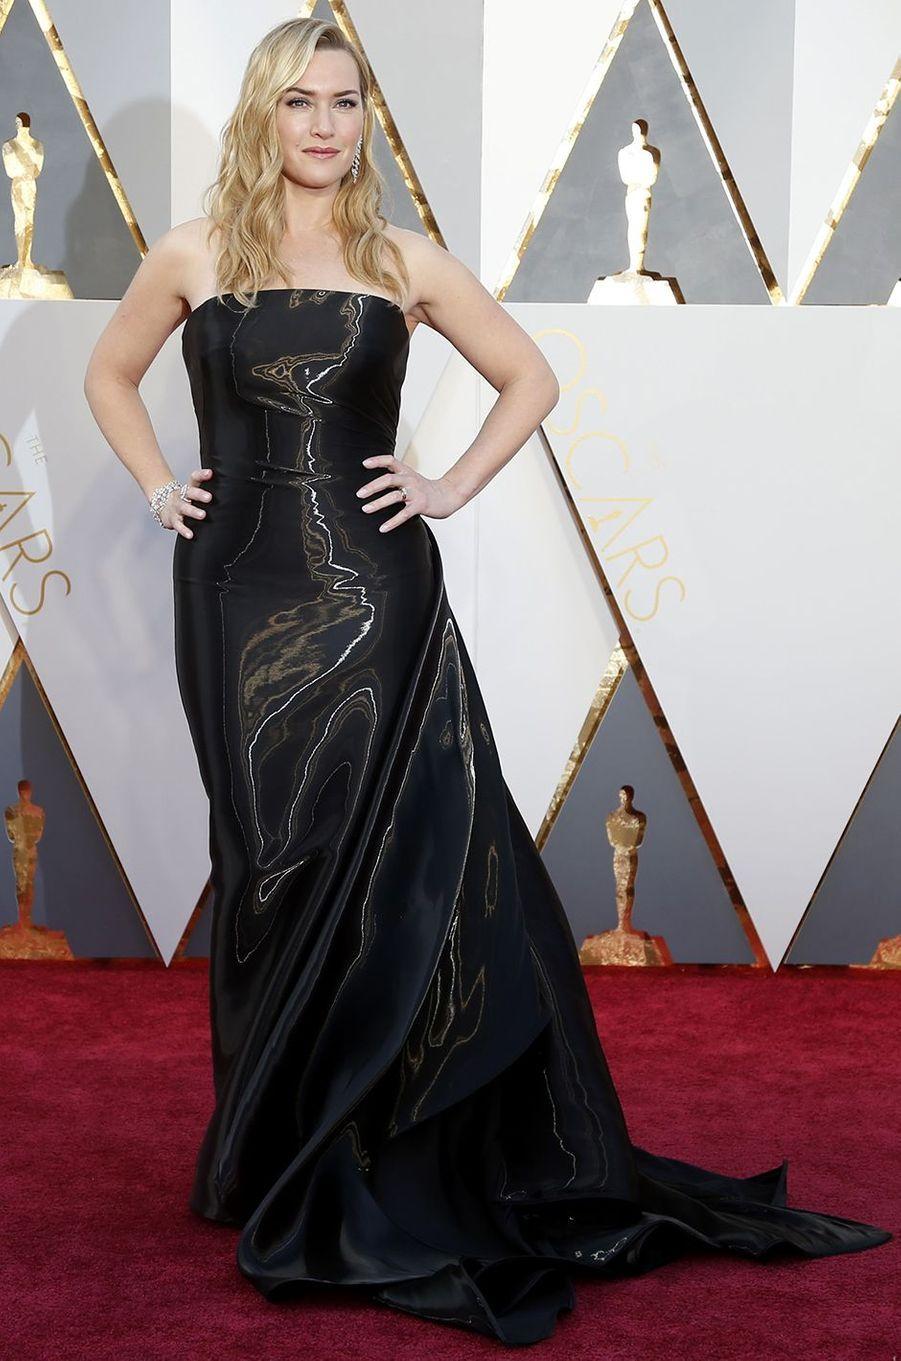 Ce dimanche, de nombreuses stars ont foulé le tapis rouge du Dolby Theater, à Hollywood, pour se rendre à la 88ème cérémonie des Oscars. Parmi les tenues les plus attendues, on peut compter celles qui ont été portées par Brie Larson (Gucci), Jennifer Lawrence (Dior), Kate Winslet (Ralph Lauren) ou bien encore Alicia Vikander (Louis Vuitton), toutes nommées dans la catégorie «meilleure actrice» et «meilleure actrice dans un second rôle».La cérémonie des Oscars en direct avec Paris MatchEn images:tous les looks du tapis rouge des Oscars 2016En images:les plus belles images de la cérémonieSi les maisons Chanel, Calvin Klein, Versace et Armani ont été choisies à plusieurs reprises par les célébrités, la griffe Marchesa est celle qui a attiré le plus de fidèles. Heidi Klum, Sofia Vergara, Isla Fisher, Chrissy Teigen et Jennifer Jason Leigh ont toutes été séduites par des pièces vaporeuses faites de tulles ou incrustées de perles.Parmi les plus belles tenues figurent également celles de Cate Blanchett (Armani), Rooney Mara (Givenchy), Charlize Theron (Dior), Jennifer Garner (Atelier Versace), Rachel McAdams (August Getty Atelier) et Daisy Ridley (Chanel).Votez pour votre robe préférée des Oscars 2016 dans notre diaporama ci-dessus.